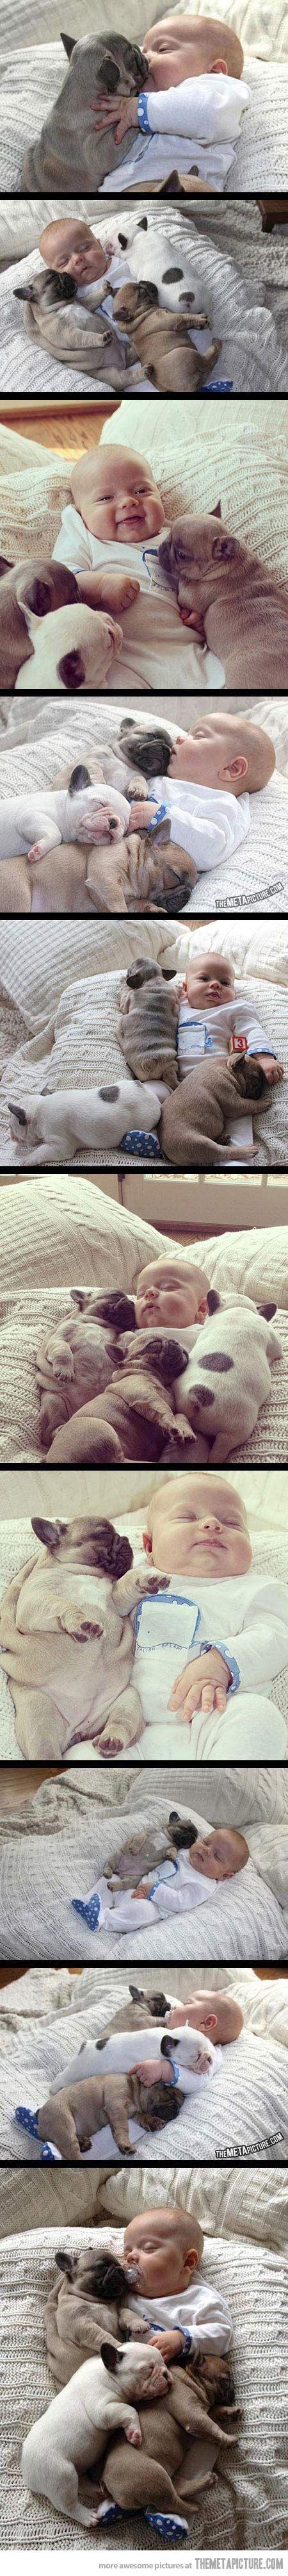 Best Dogo Chubby Adorable Dog - 15a25d345c1a5cee3de083ca3bdb6aa7  Image_605436  .jpg